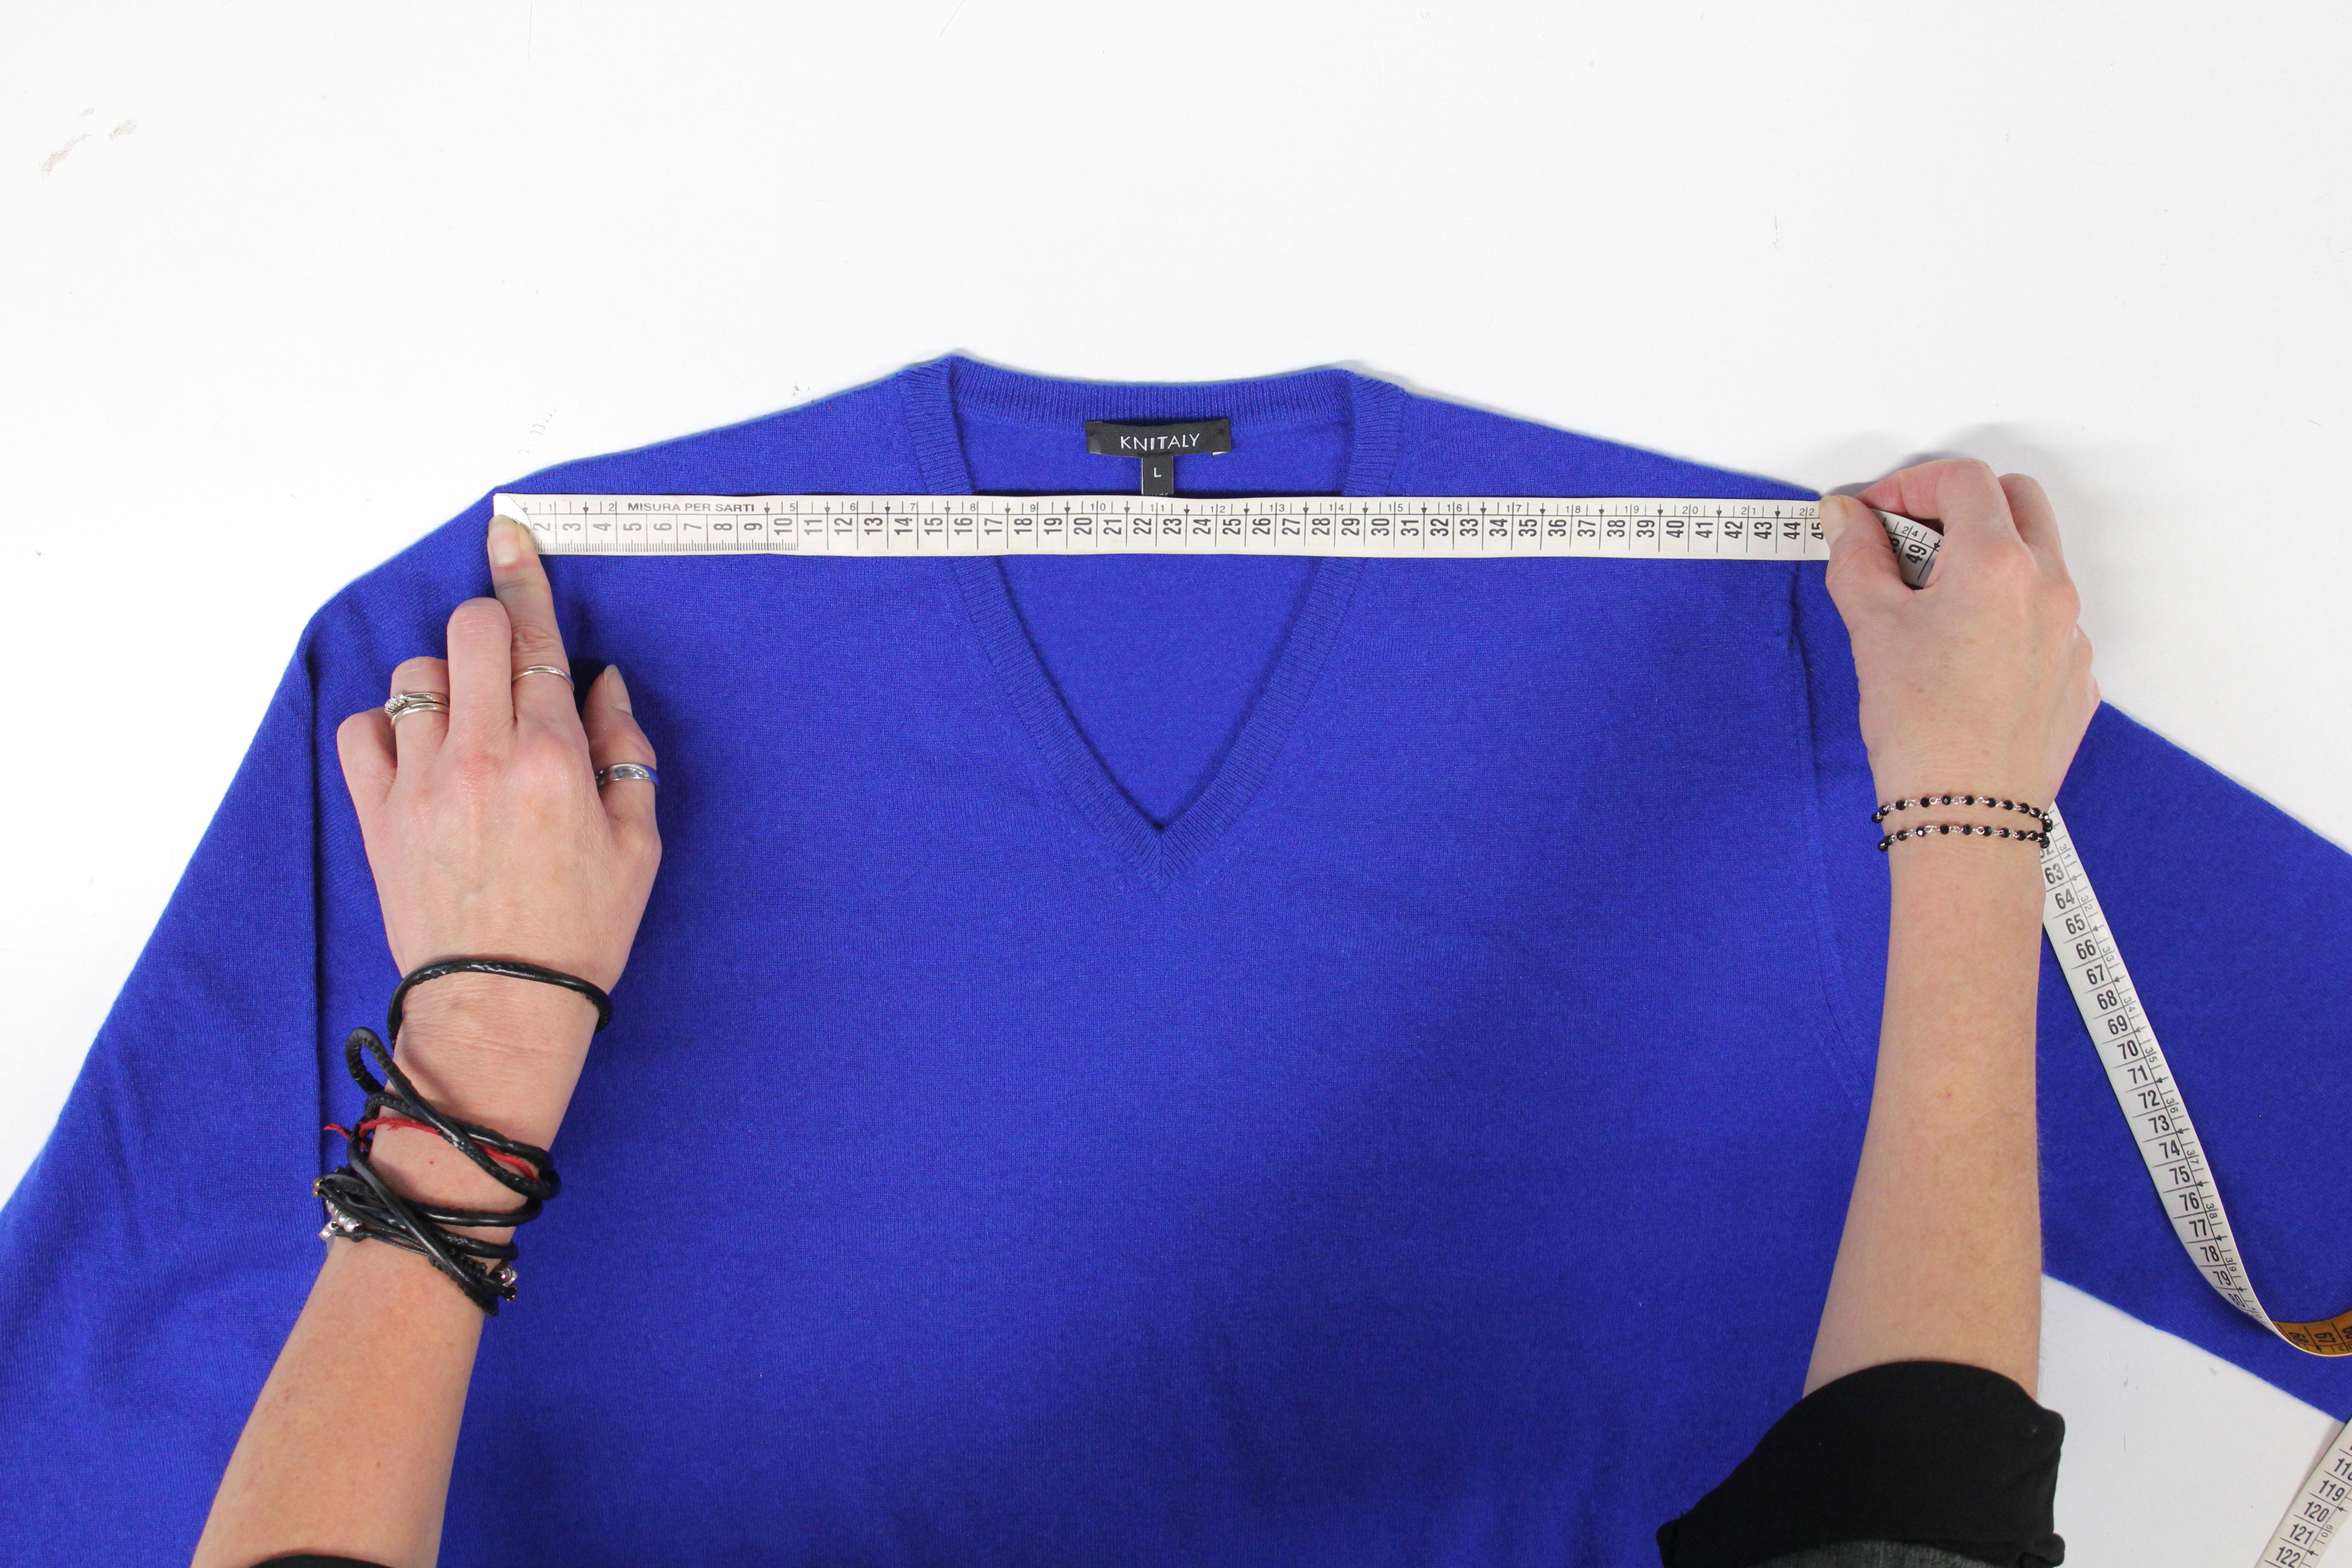 Come scegliere la taglia giusta per te?